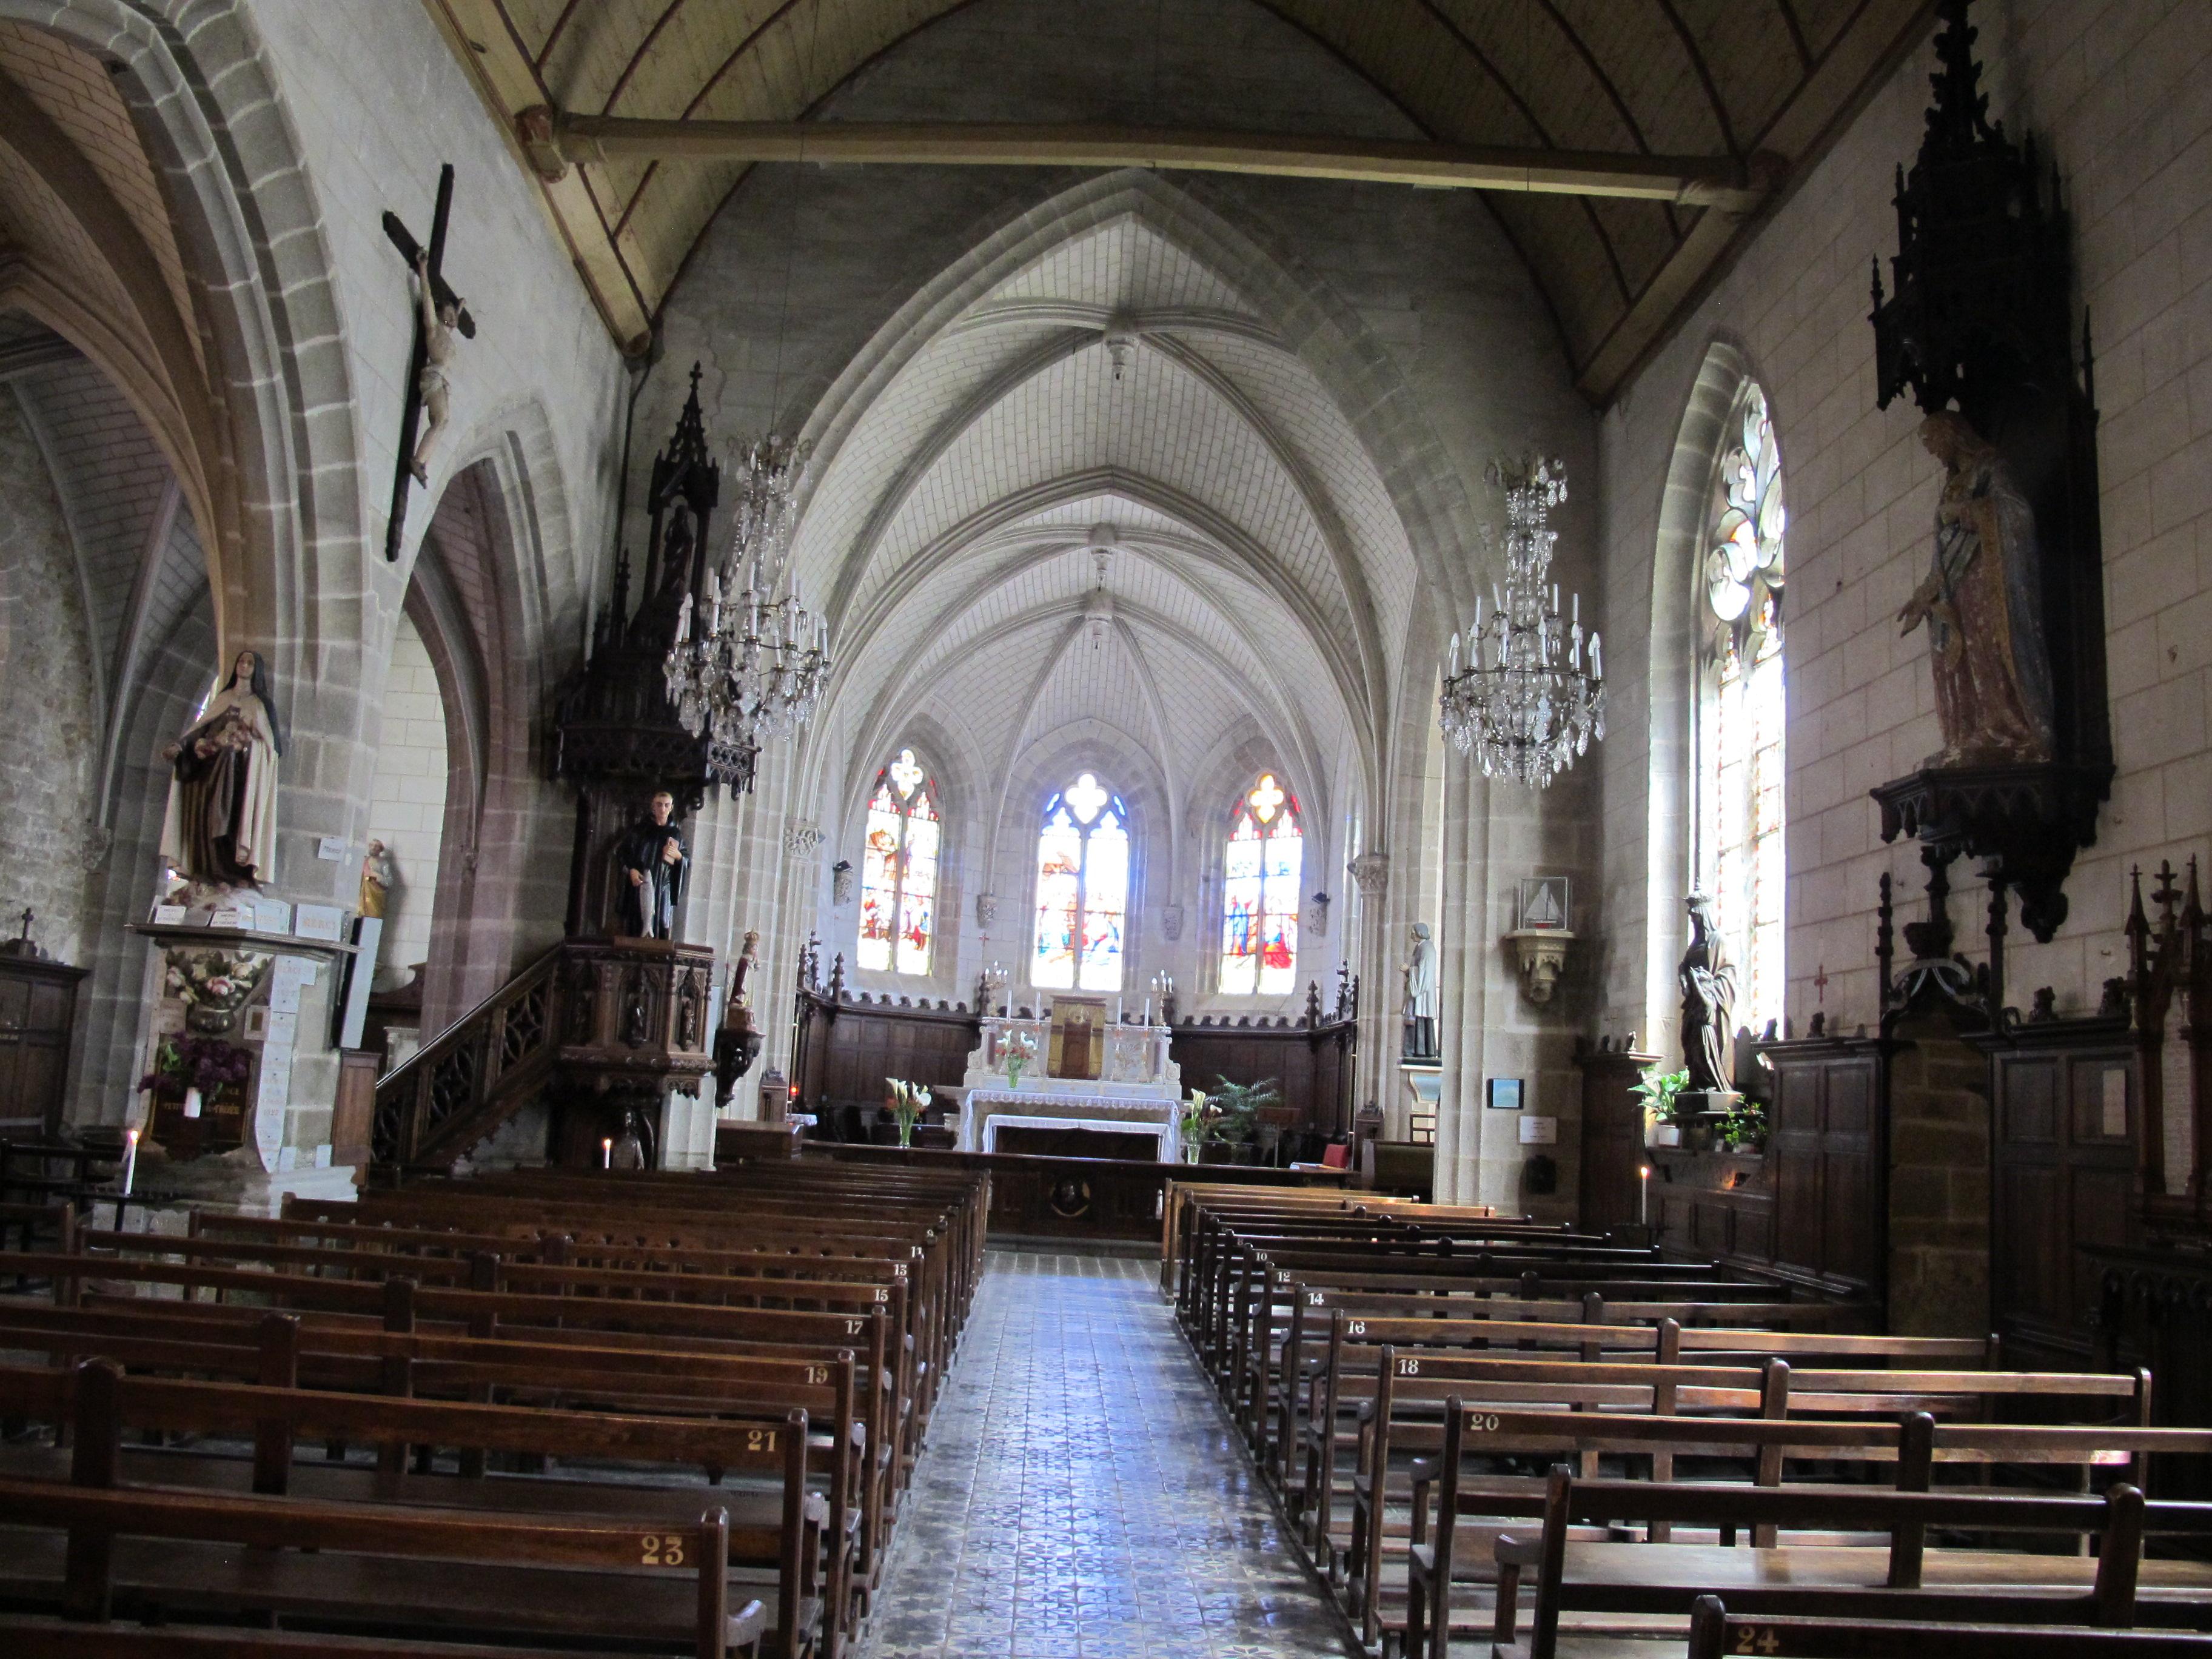 Architecte D Intérieur Auray file:Église saint-goustan d'auray - interieur 01